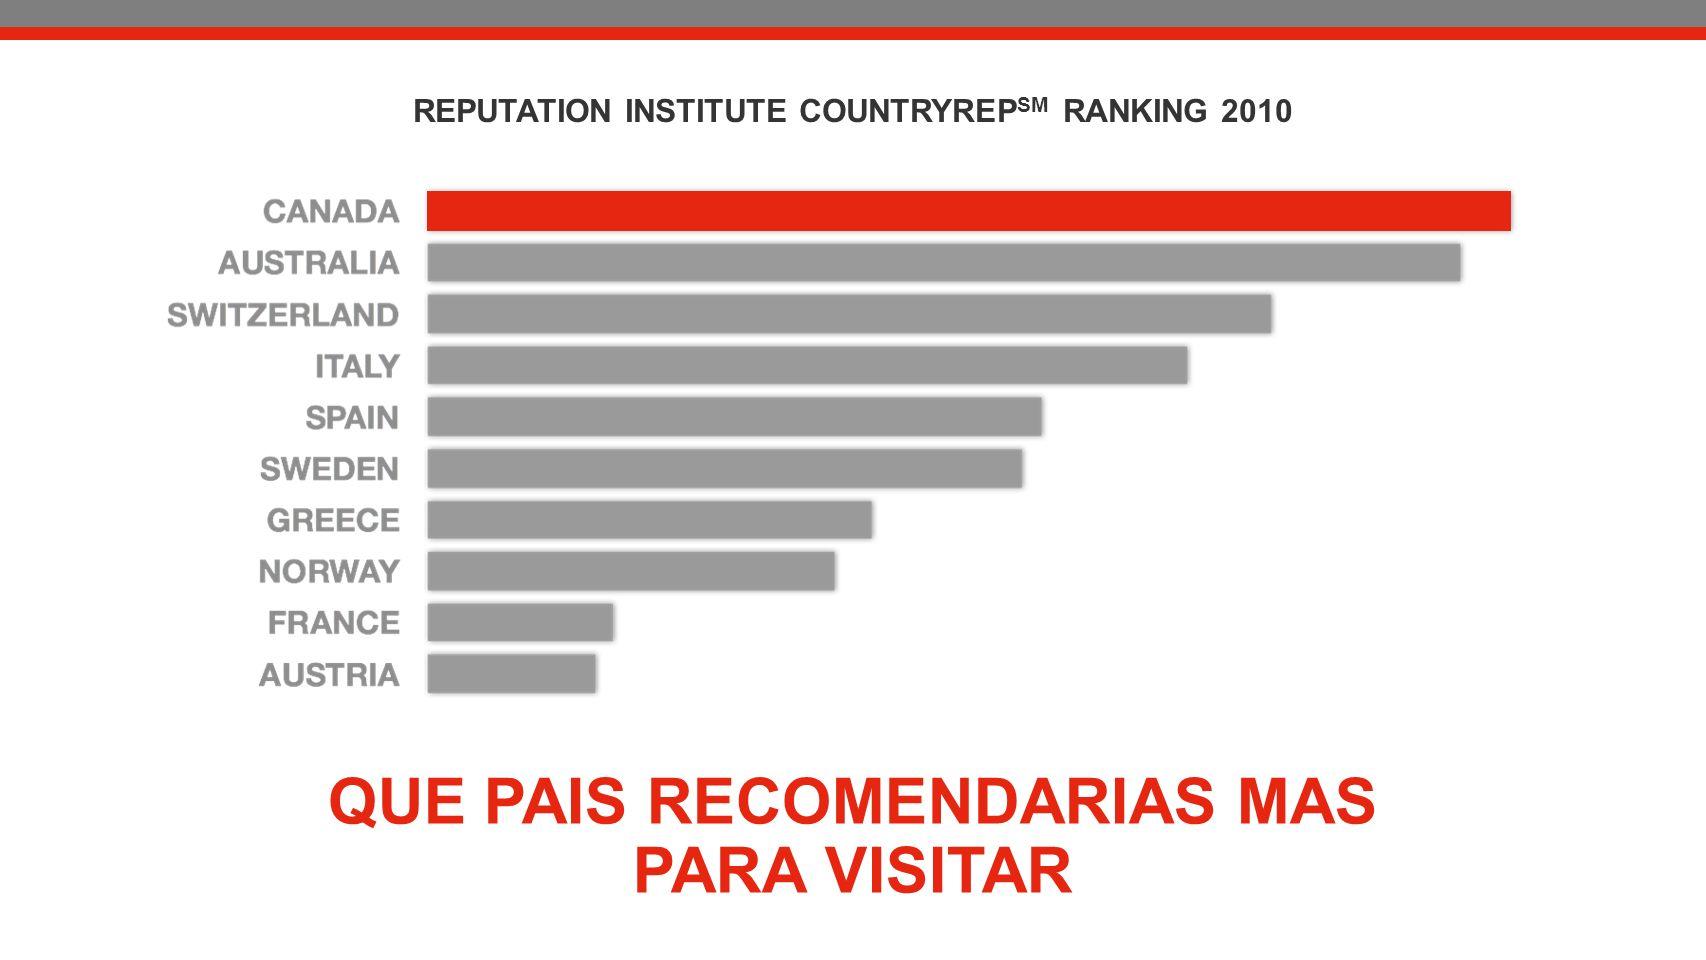 QUE PAIS RECOMENDARIAS MAS PARA VISITAR REPUTATION INSTITUTE COUNTRYREP SM RANKING 2010